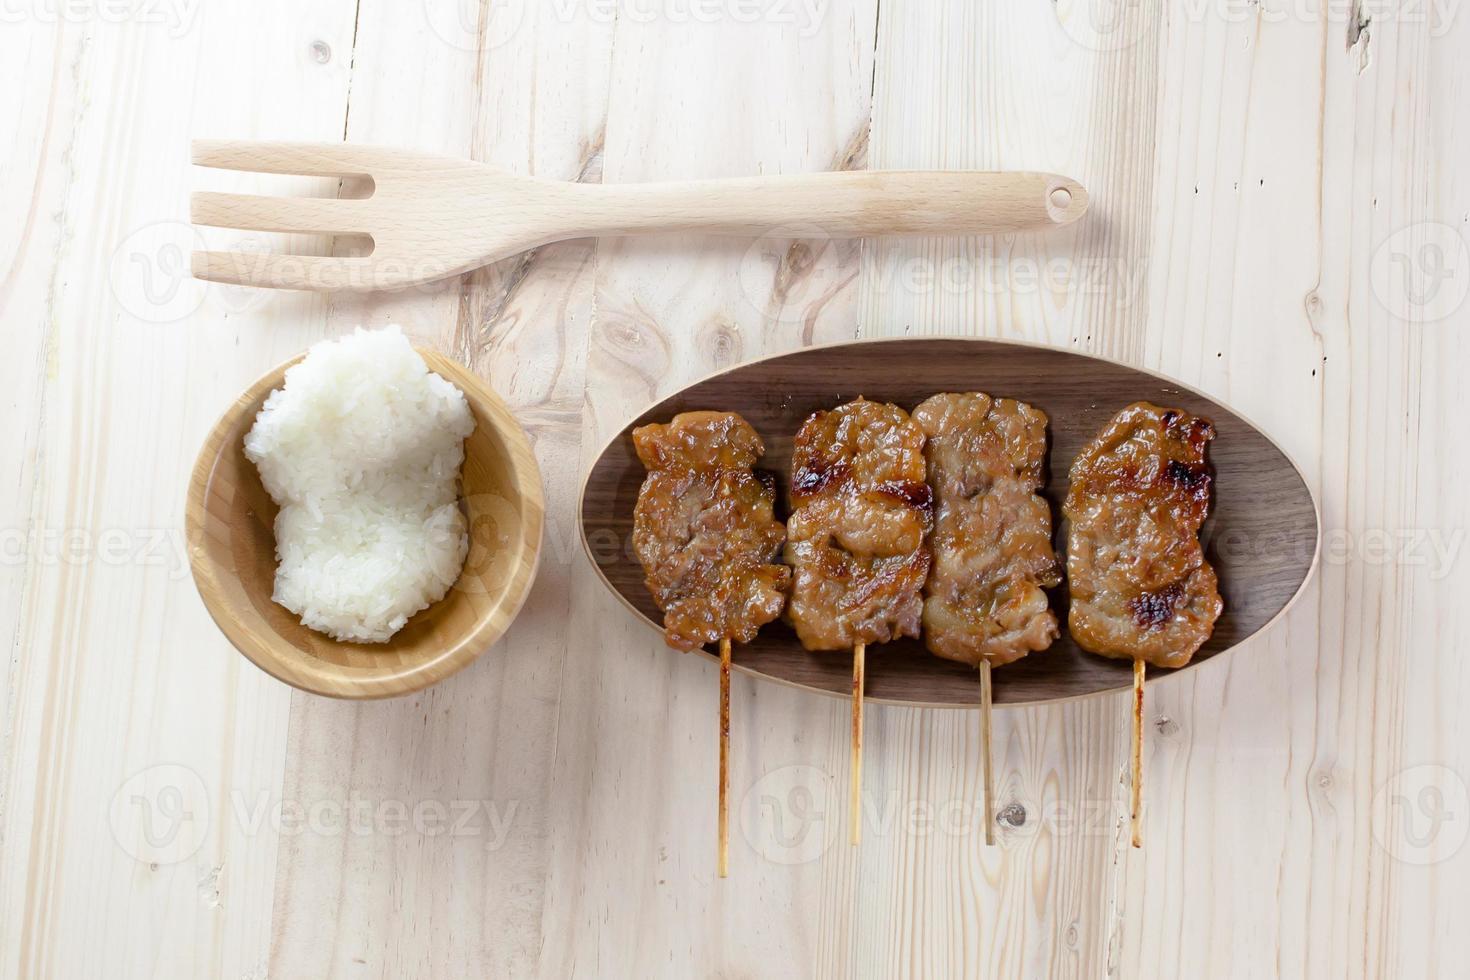 cerdo a la parrilla al estilo tailandés y arroz pegajoso foto